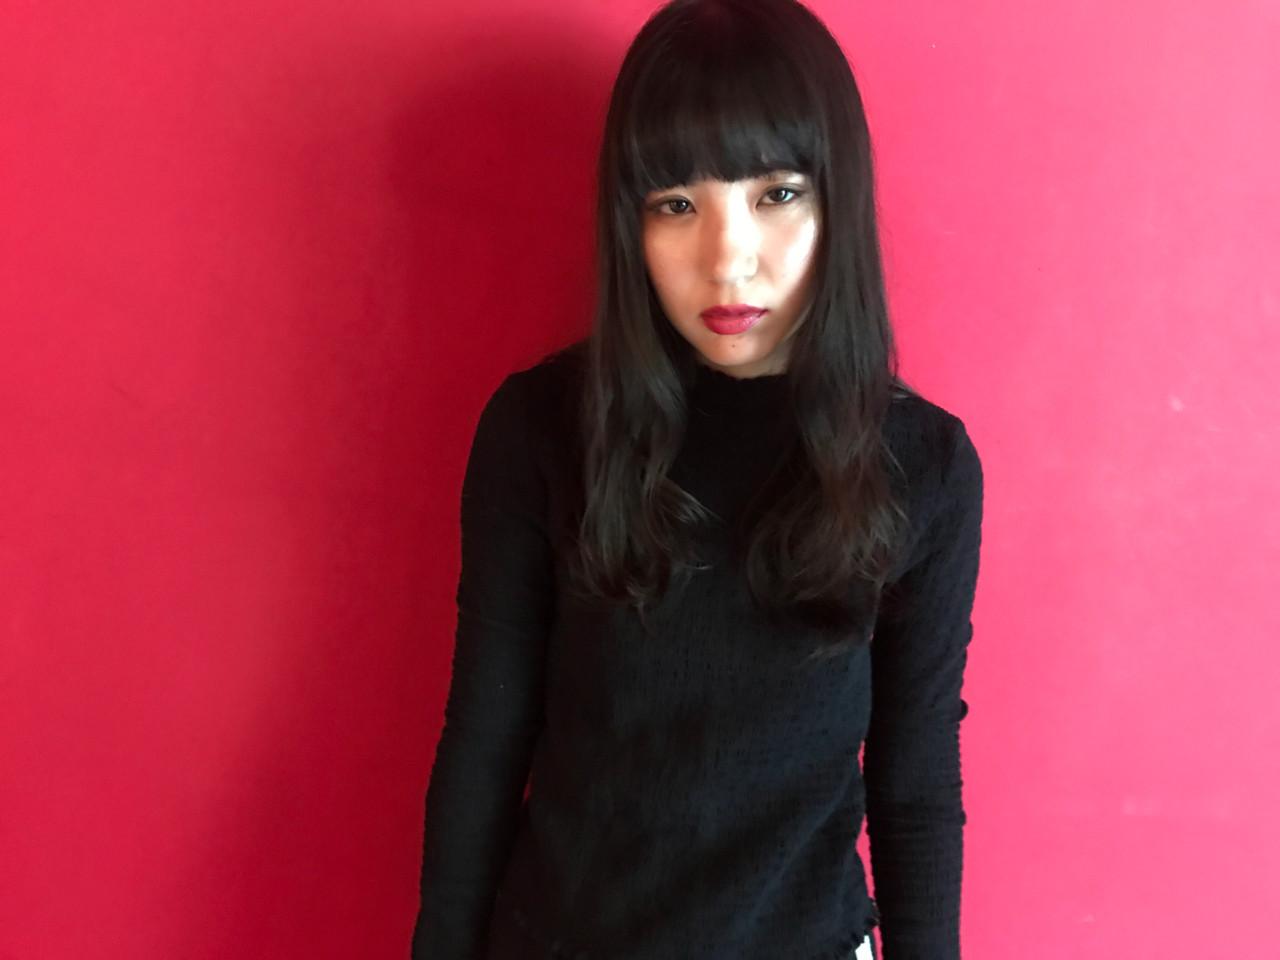 セミロング 黒髪 ロング モード ヘアスタイルや髪型の写真・画像